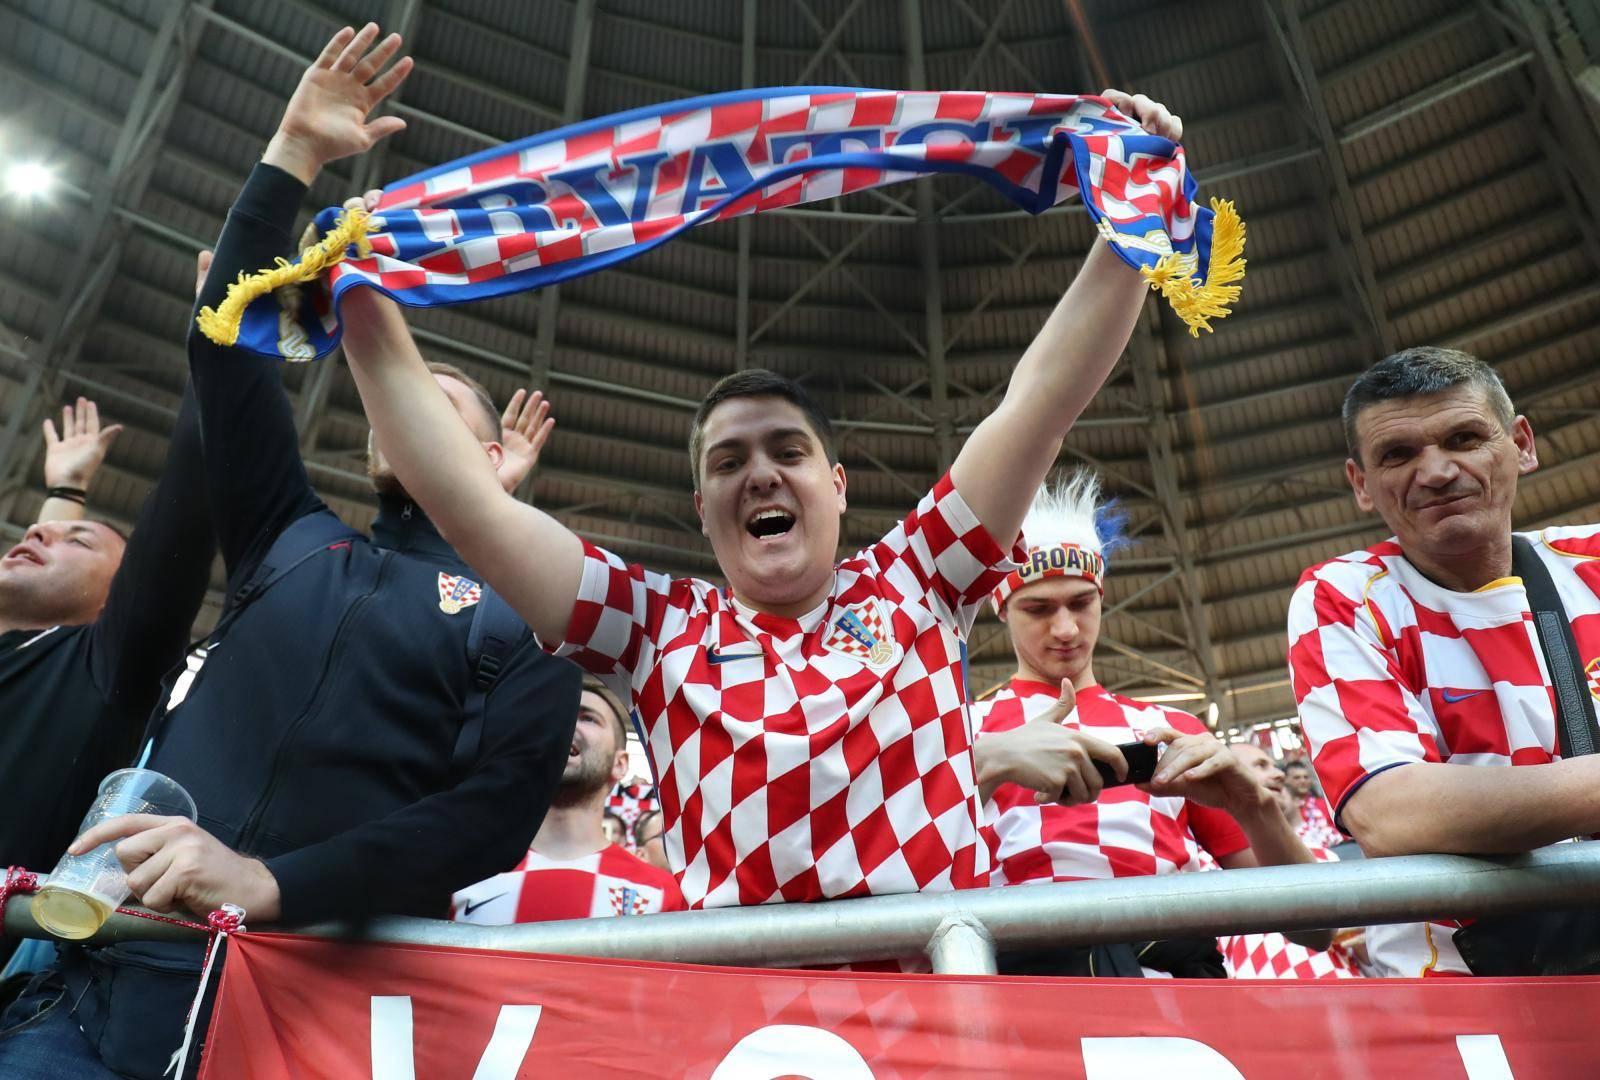 Budimpešta: Navijači spremni za kvalifikacijsku utakmicu između Mađarske i Hrvatske